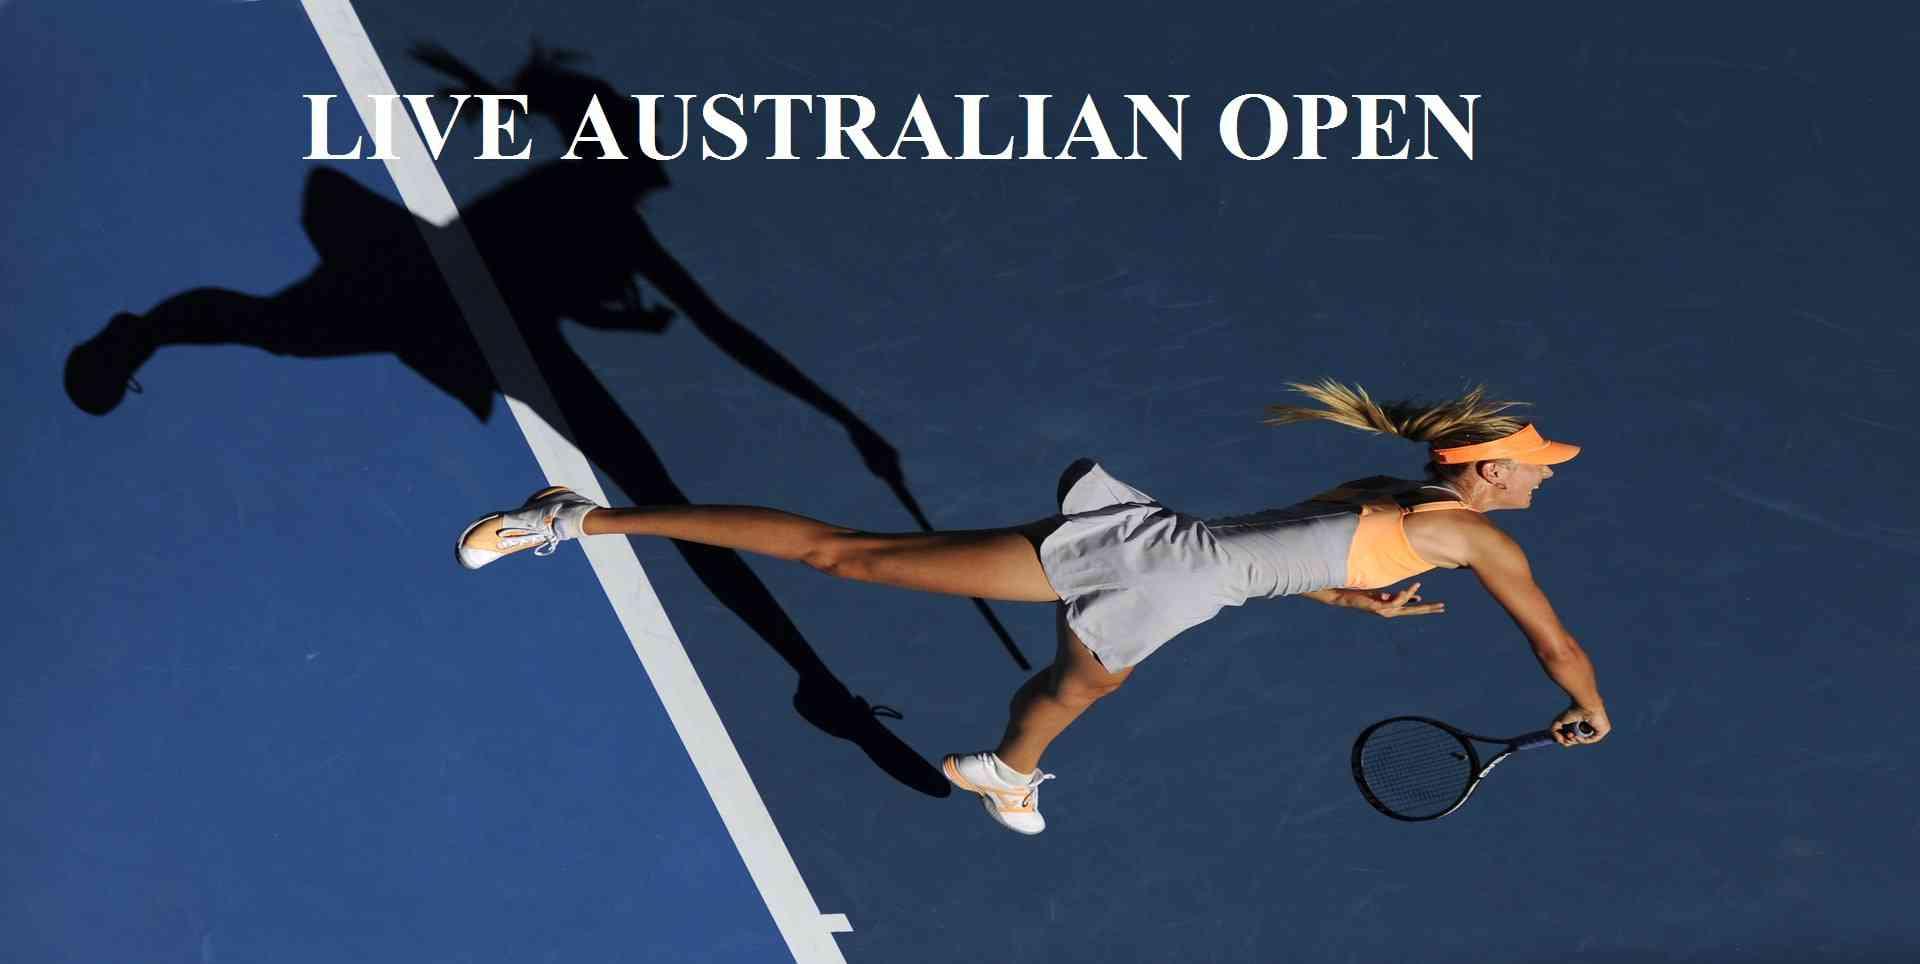 Australian Open 2018 Online slider